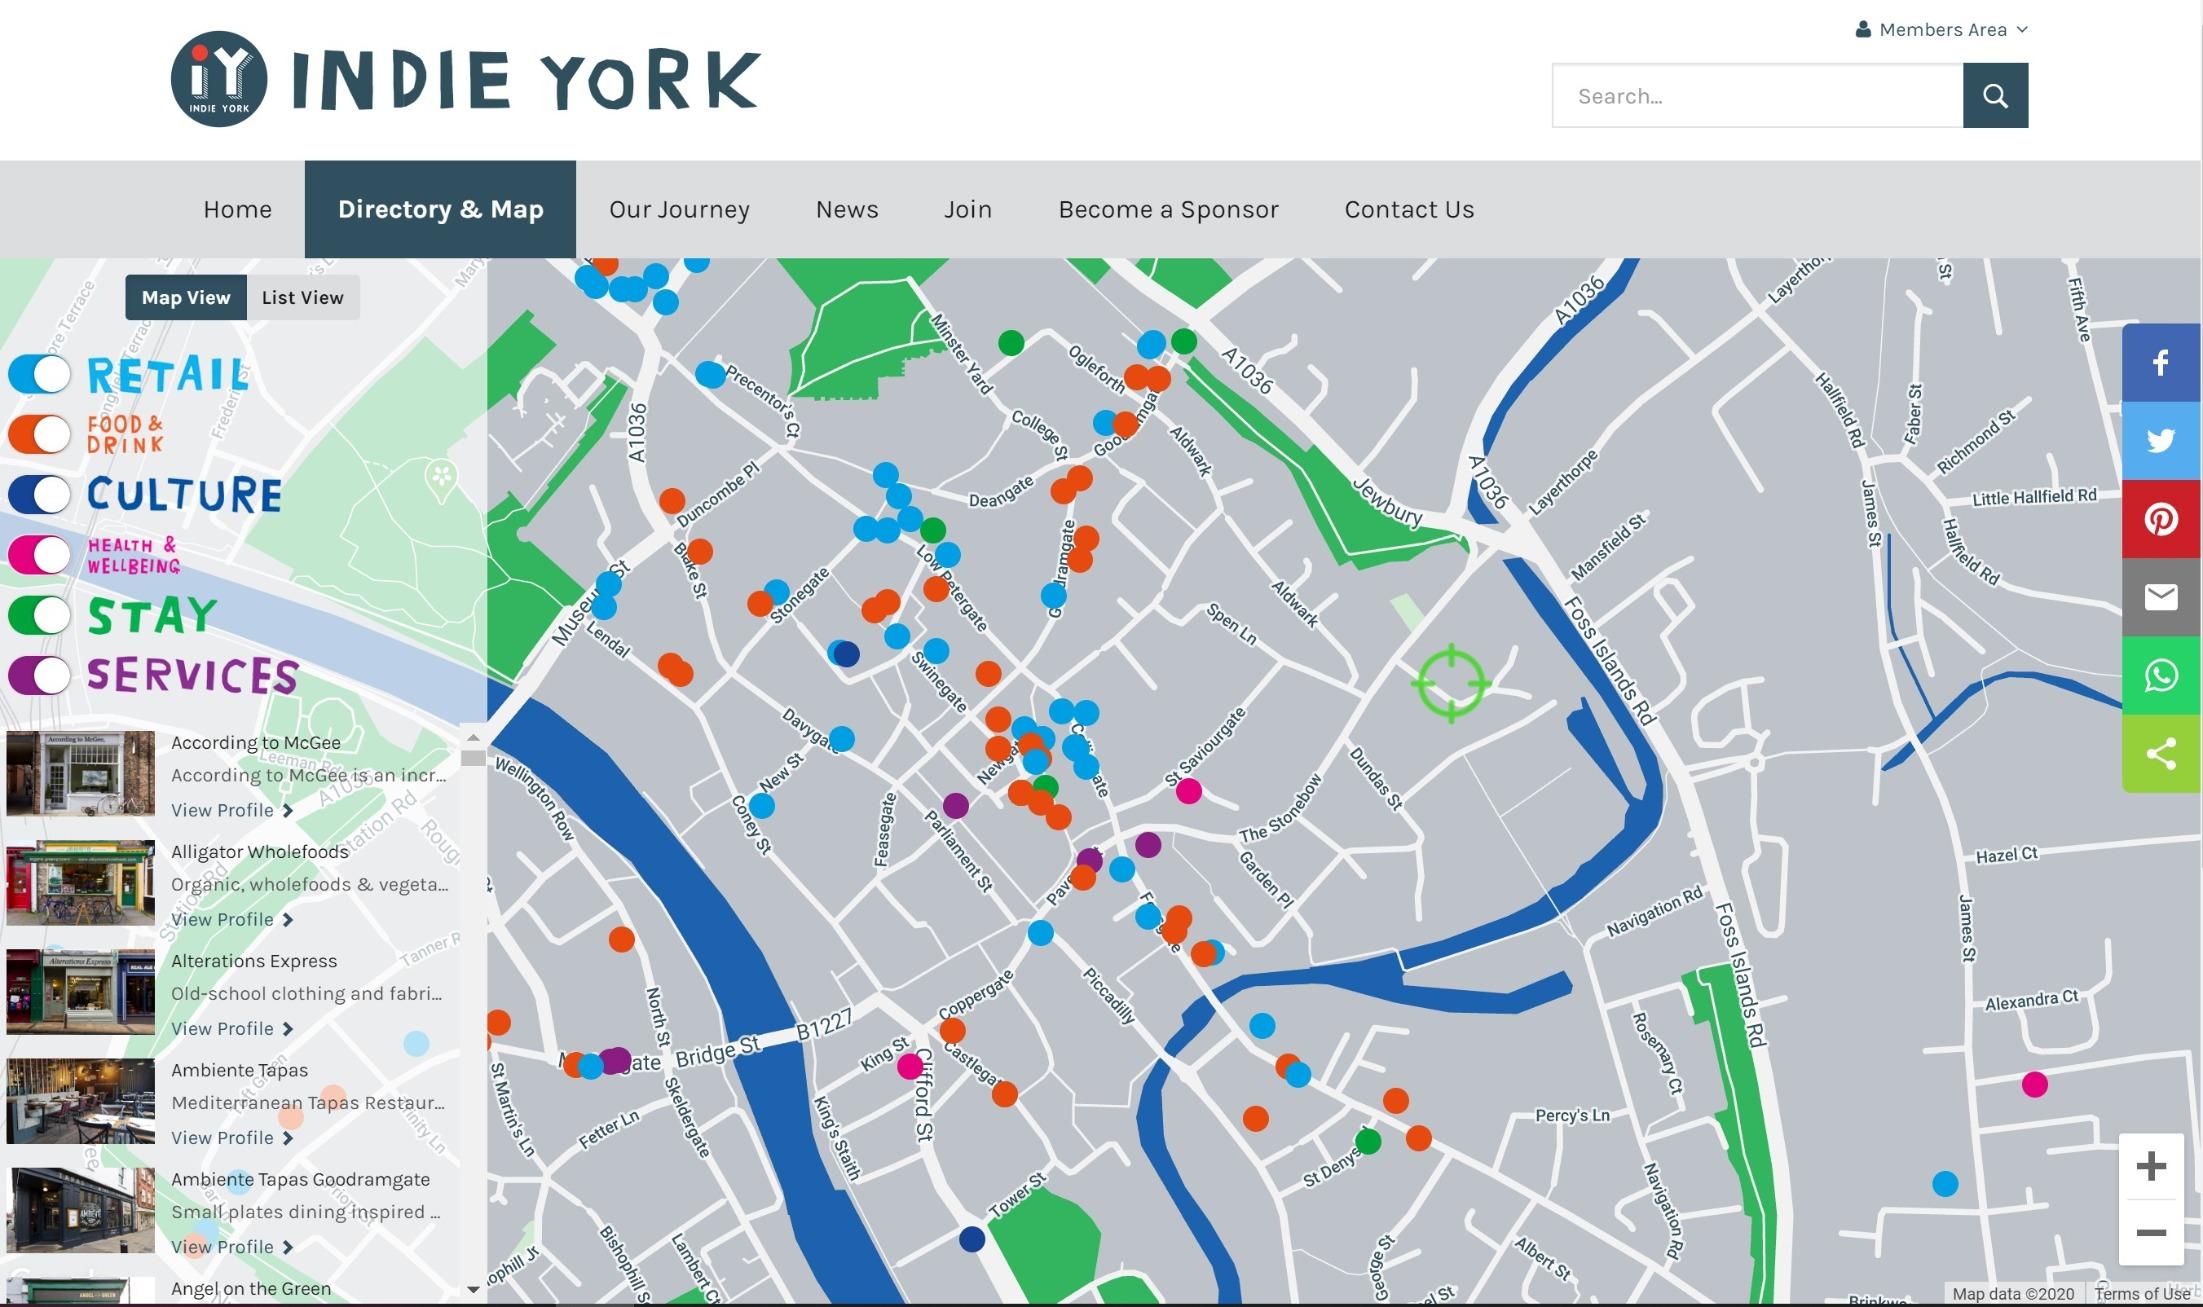 Indie York Website Redevelopment